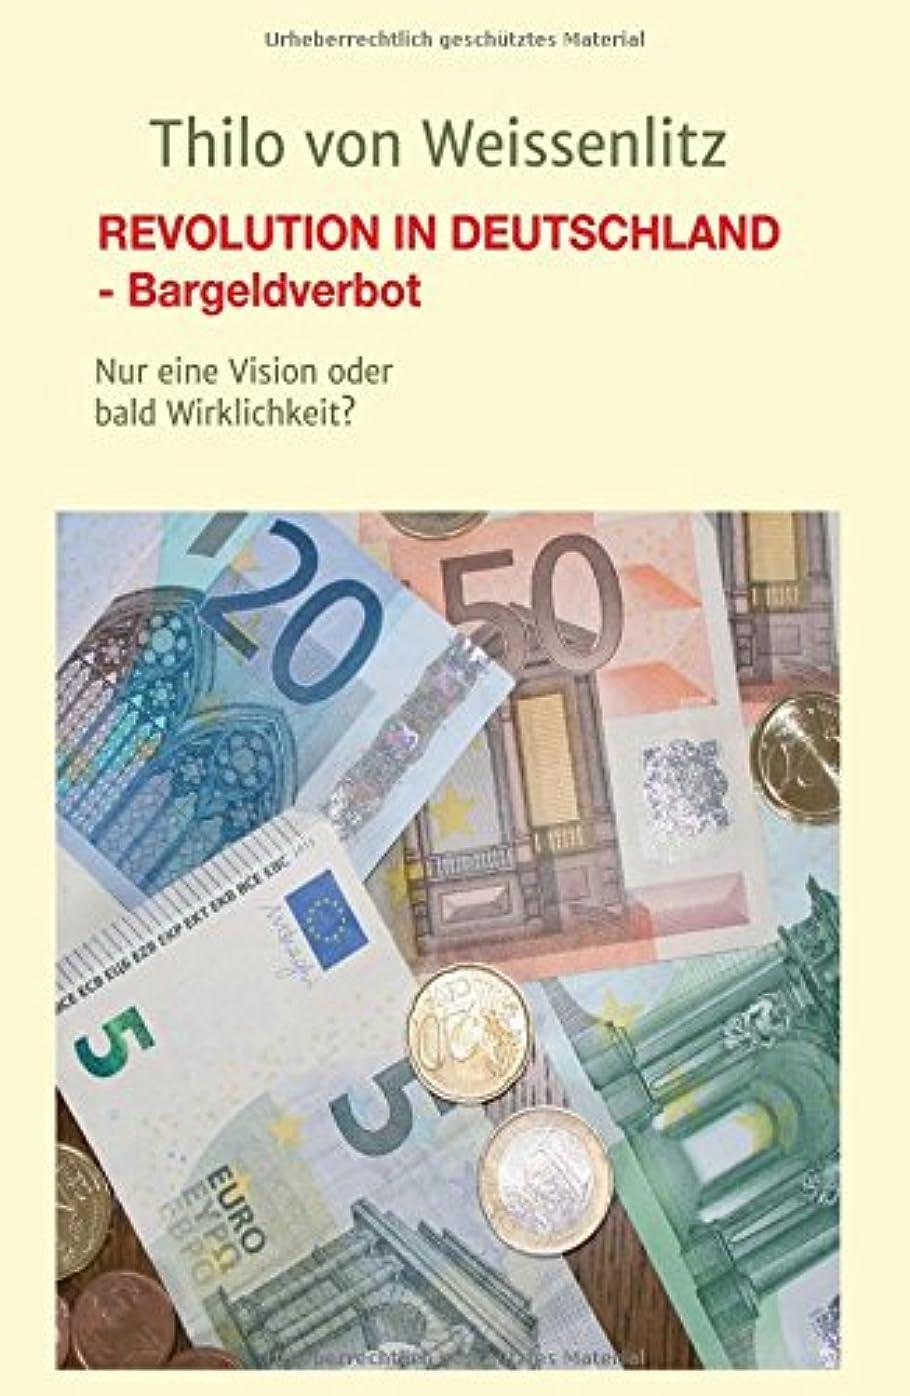 篭の名誉Revolution in Deutschland - Bargeldverbot